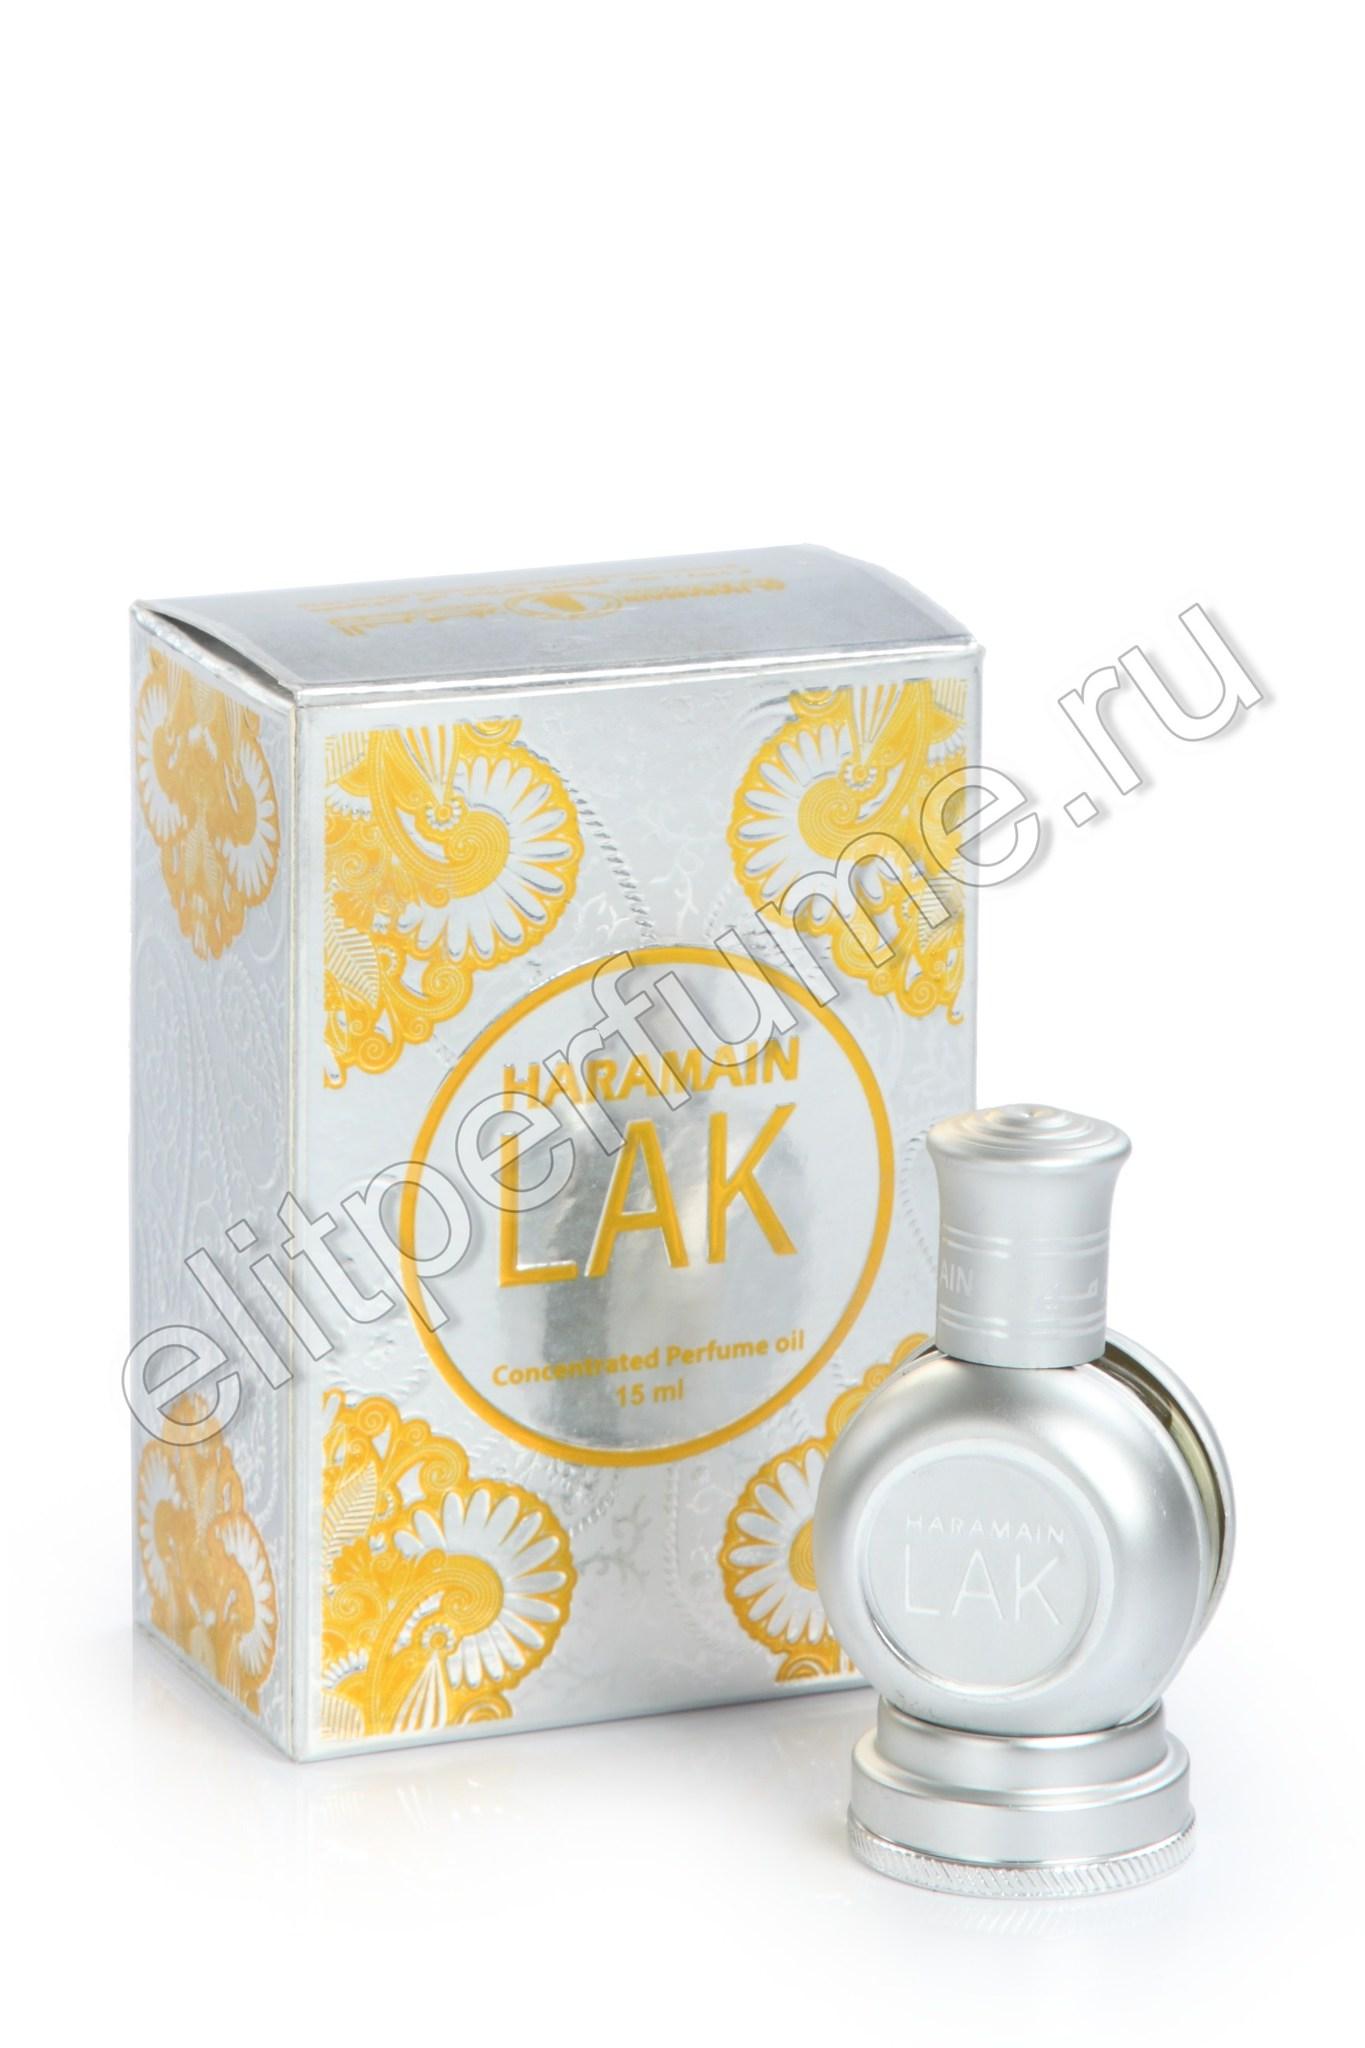 Haramain Lak Харамайн Лакк 15 мл арабские масляные духи от Аль Харамайн Al Haramain Perfumes